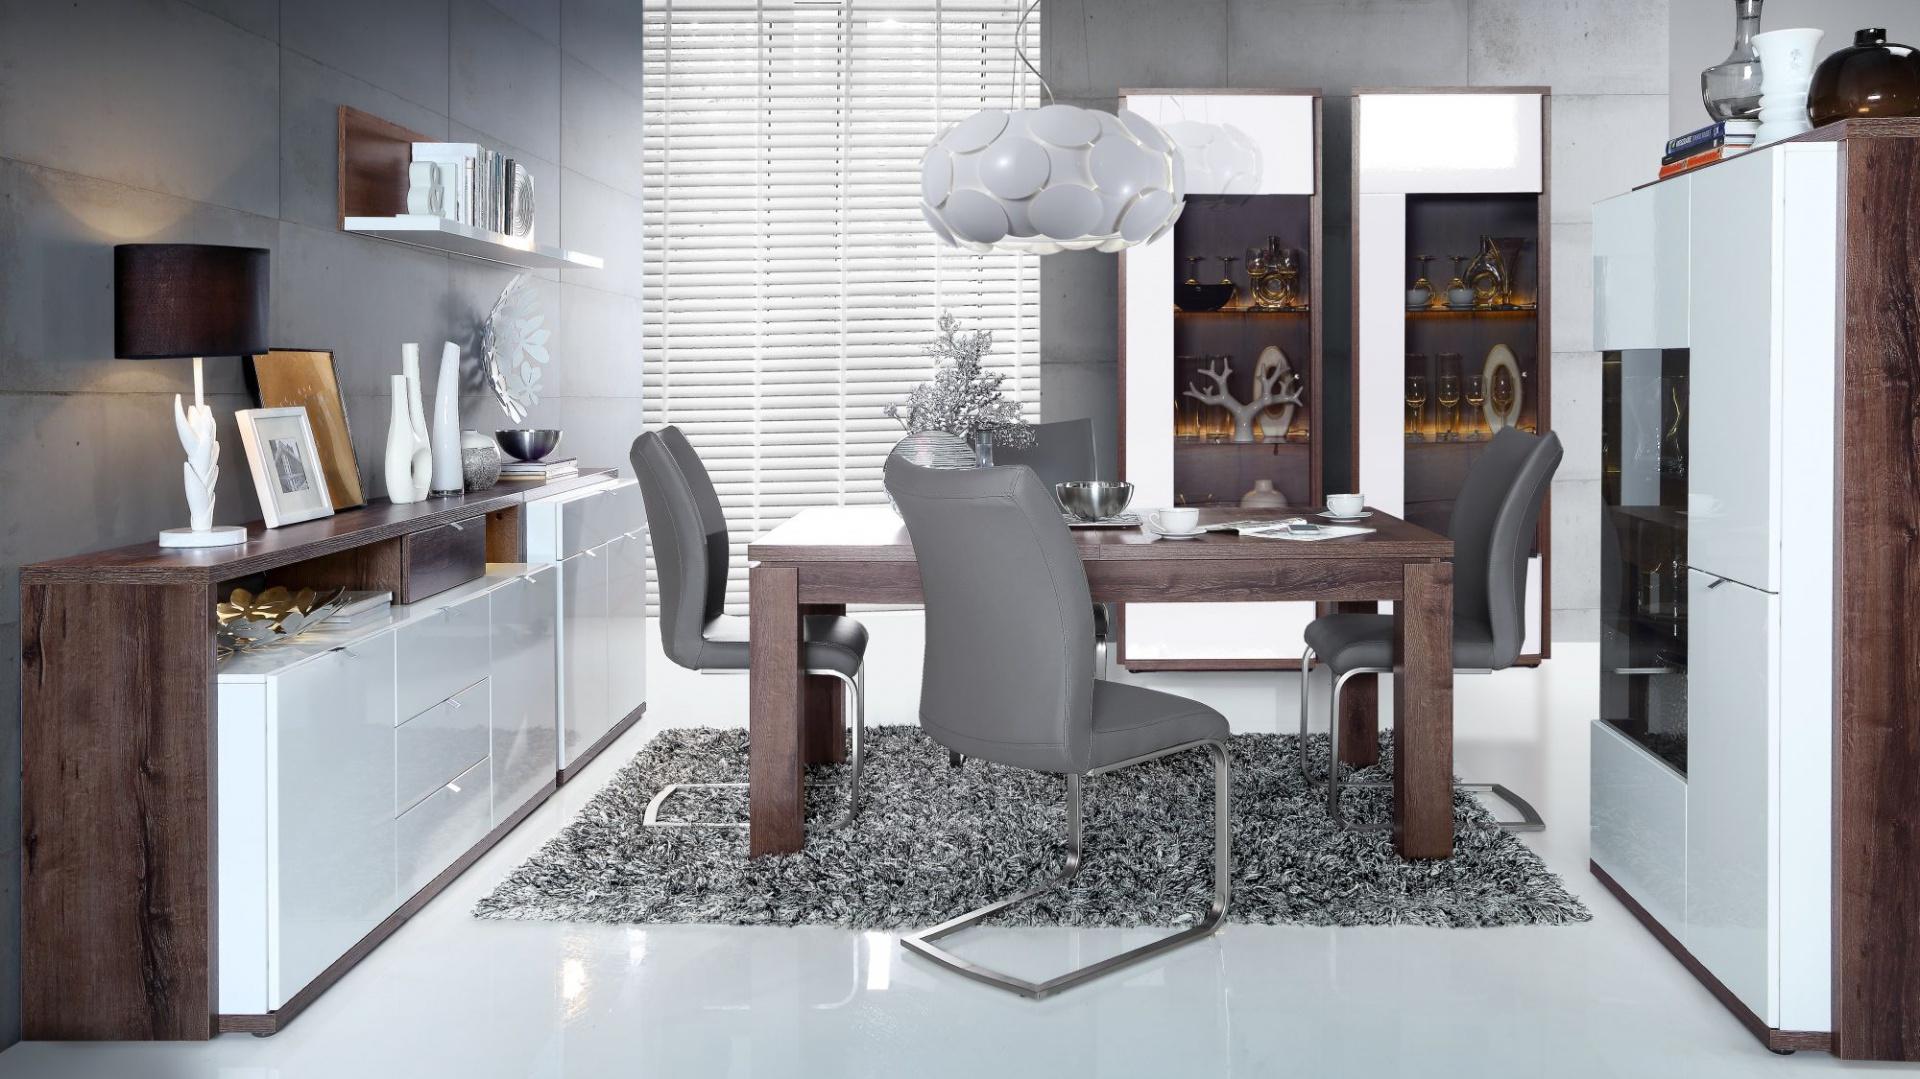 Meble do salonu i jadalni z kolekcji Alcano z oferty marki Forte. Fot. Forte.